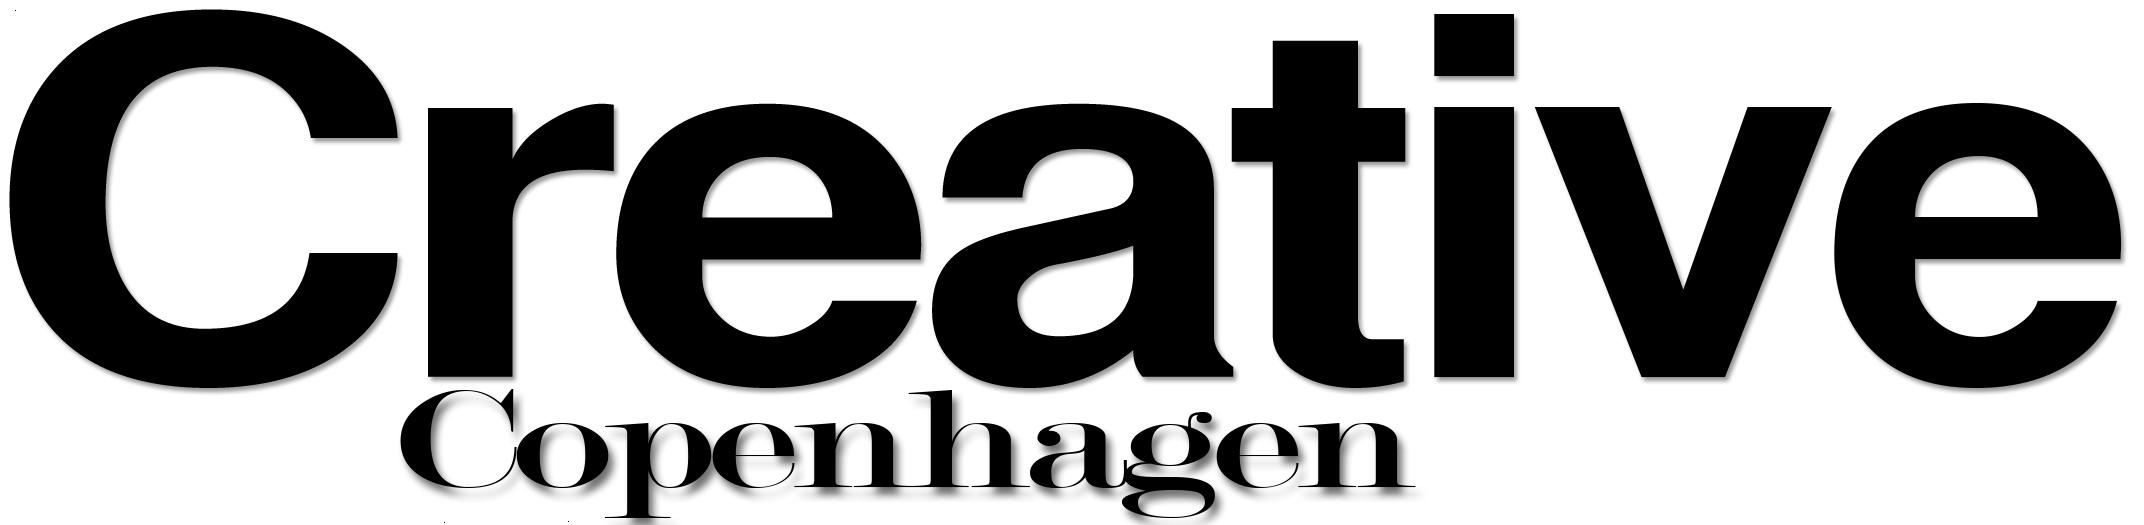 Creative Copenhagen